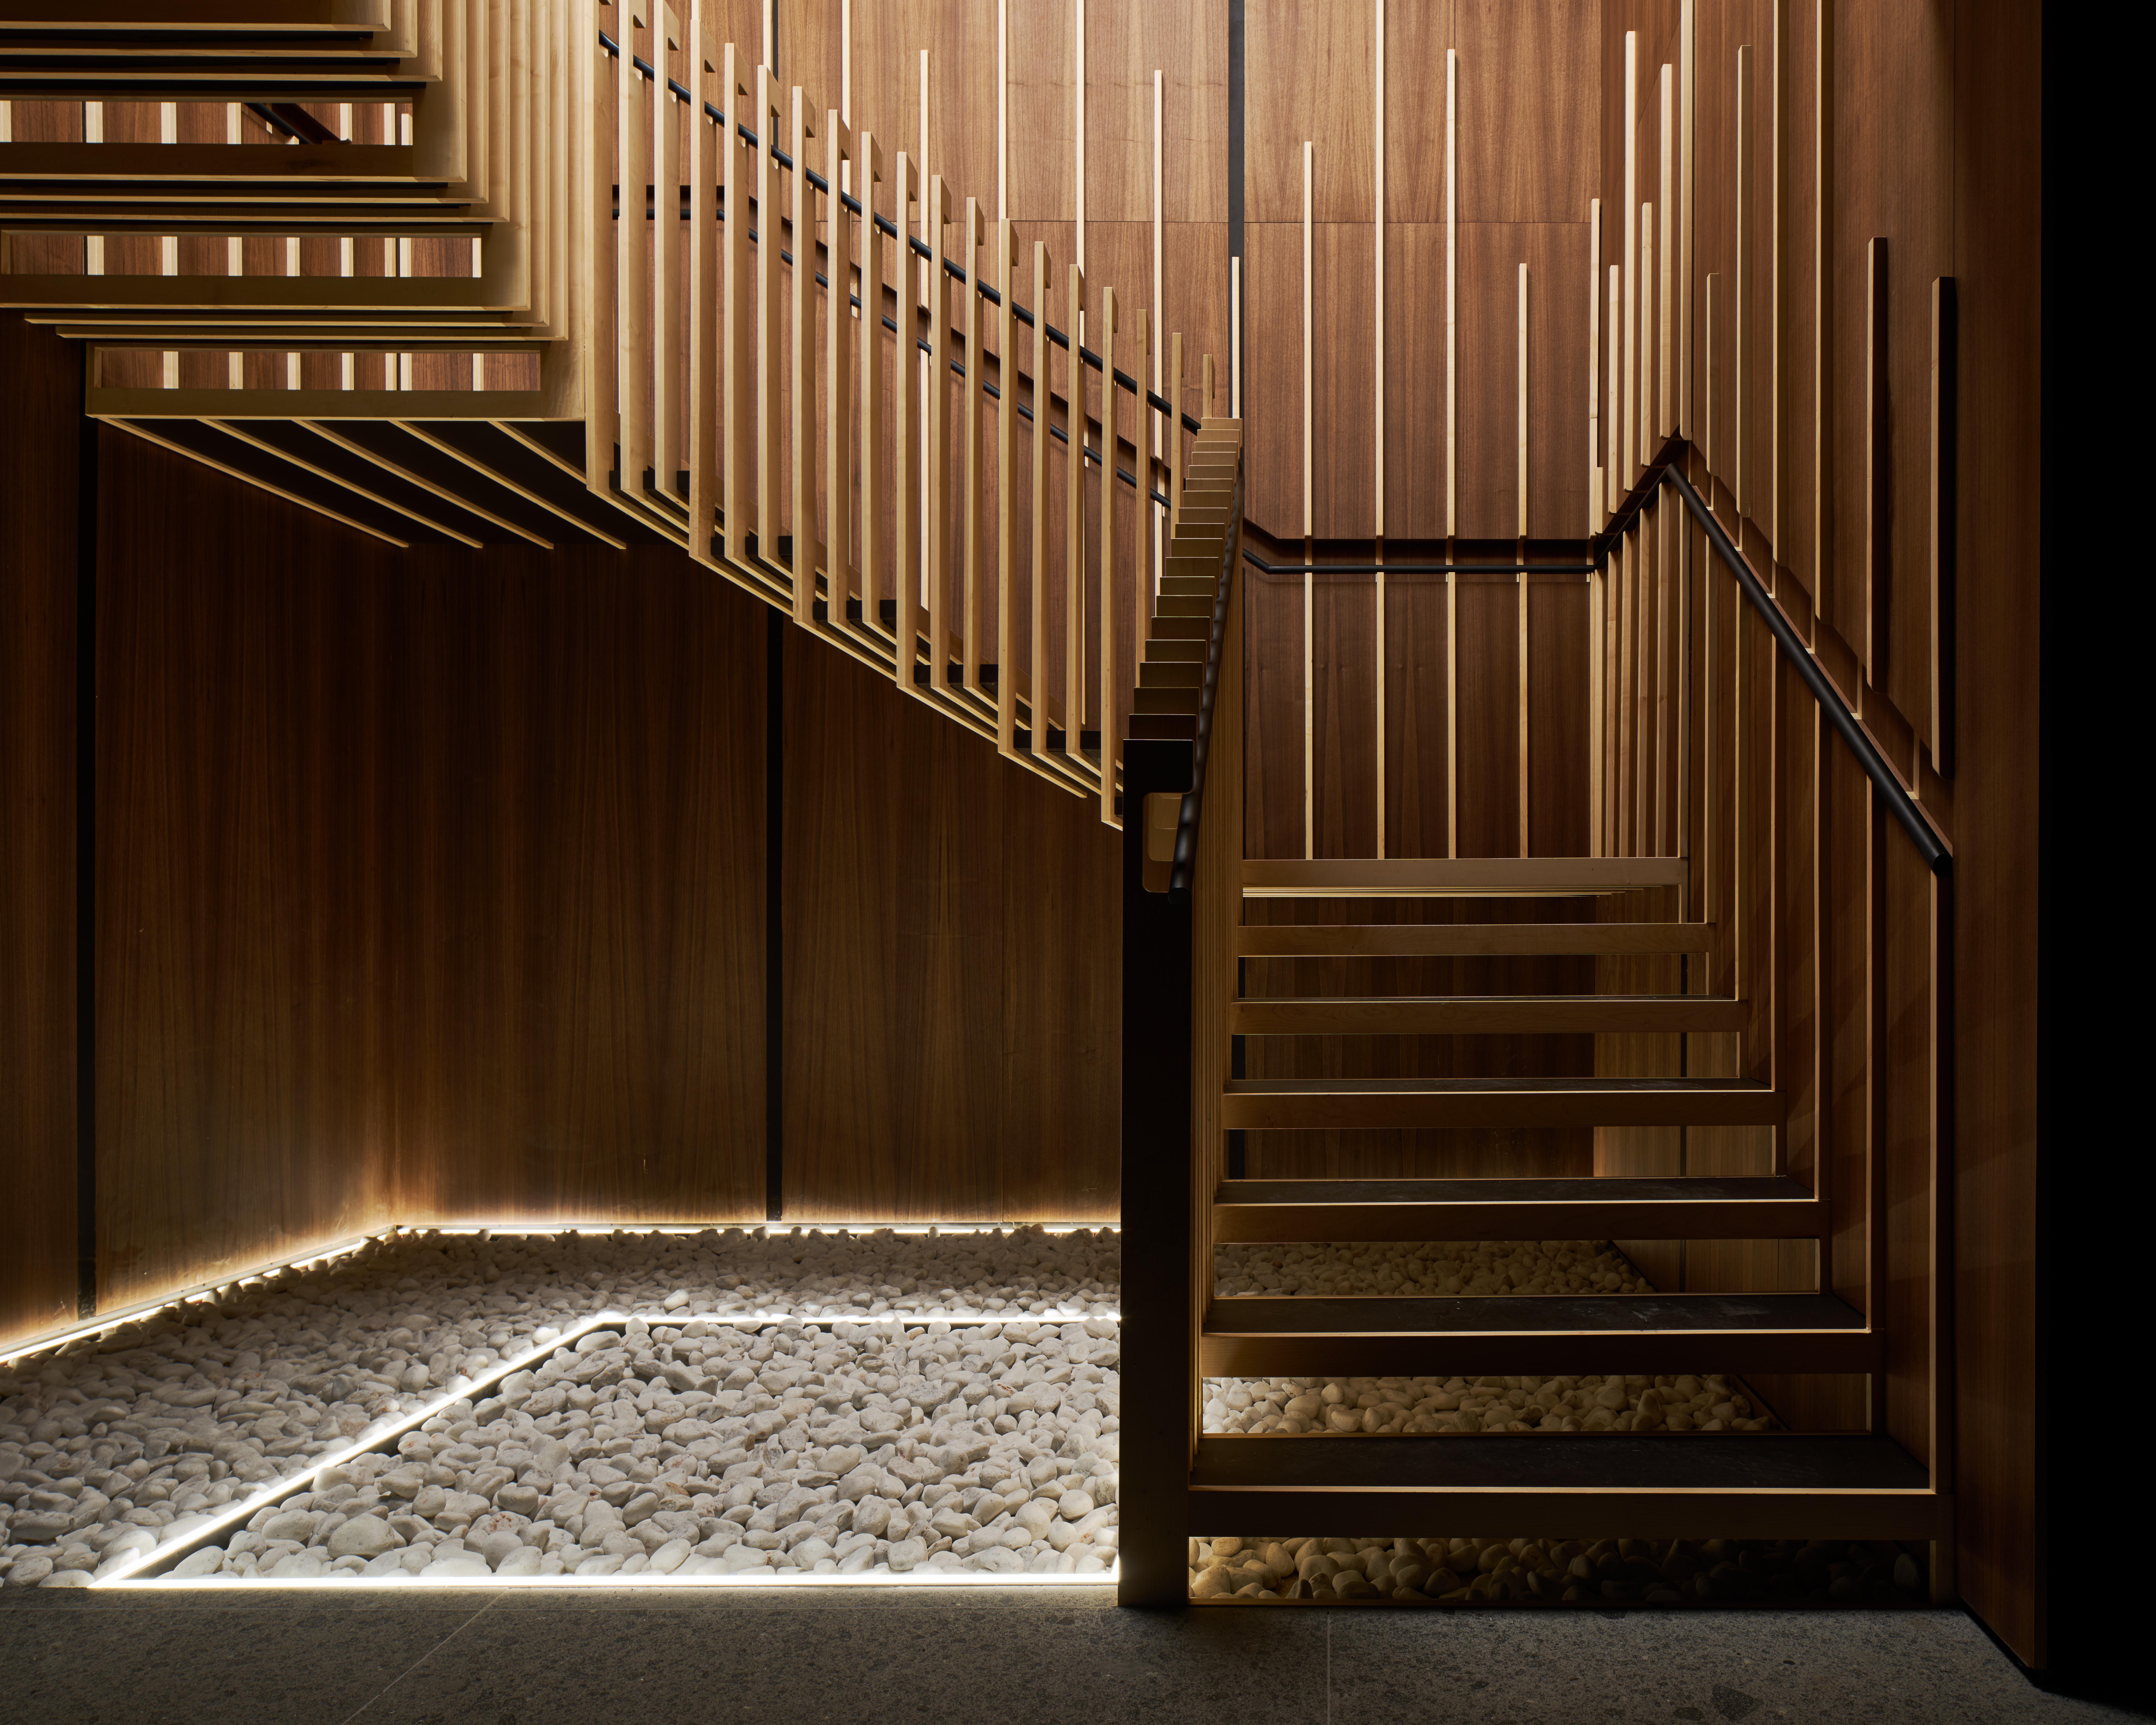 Yen - Staircase